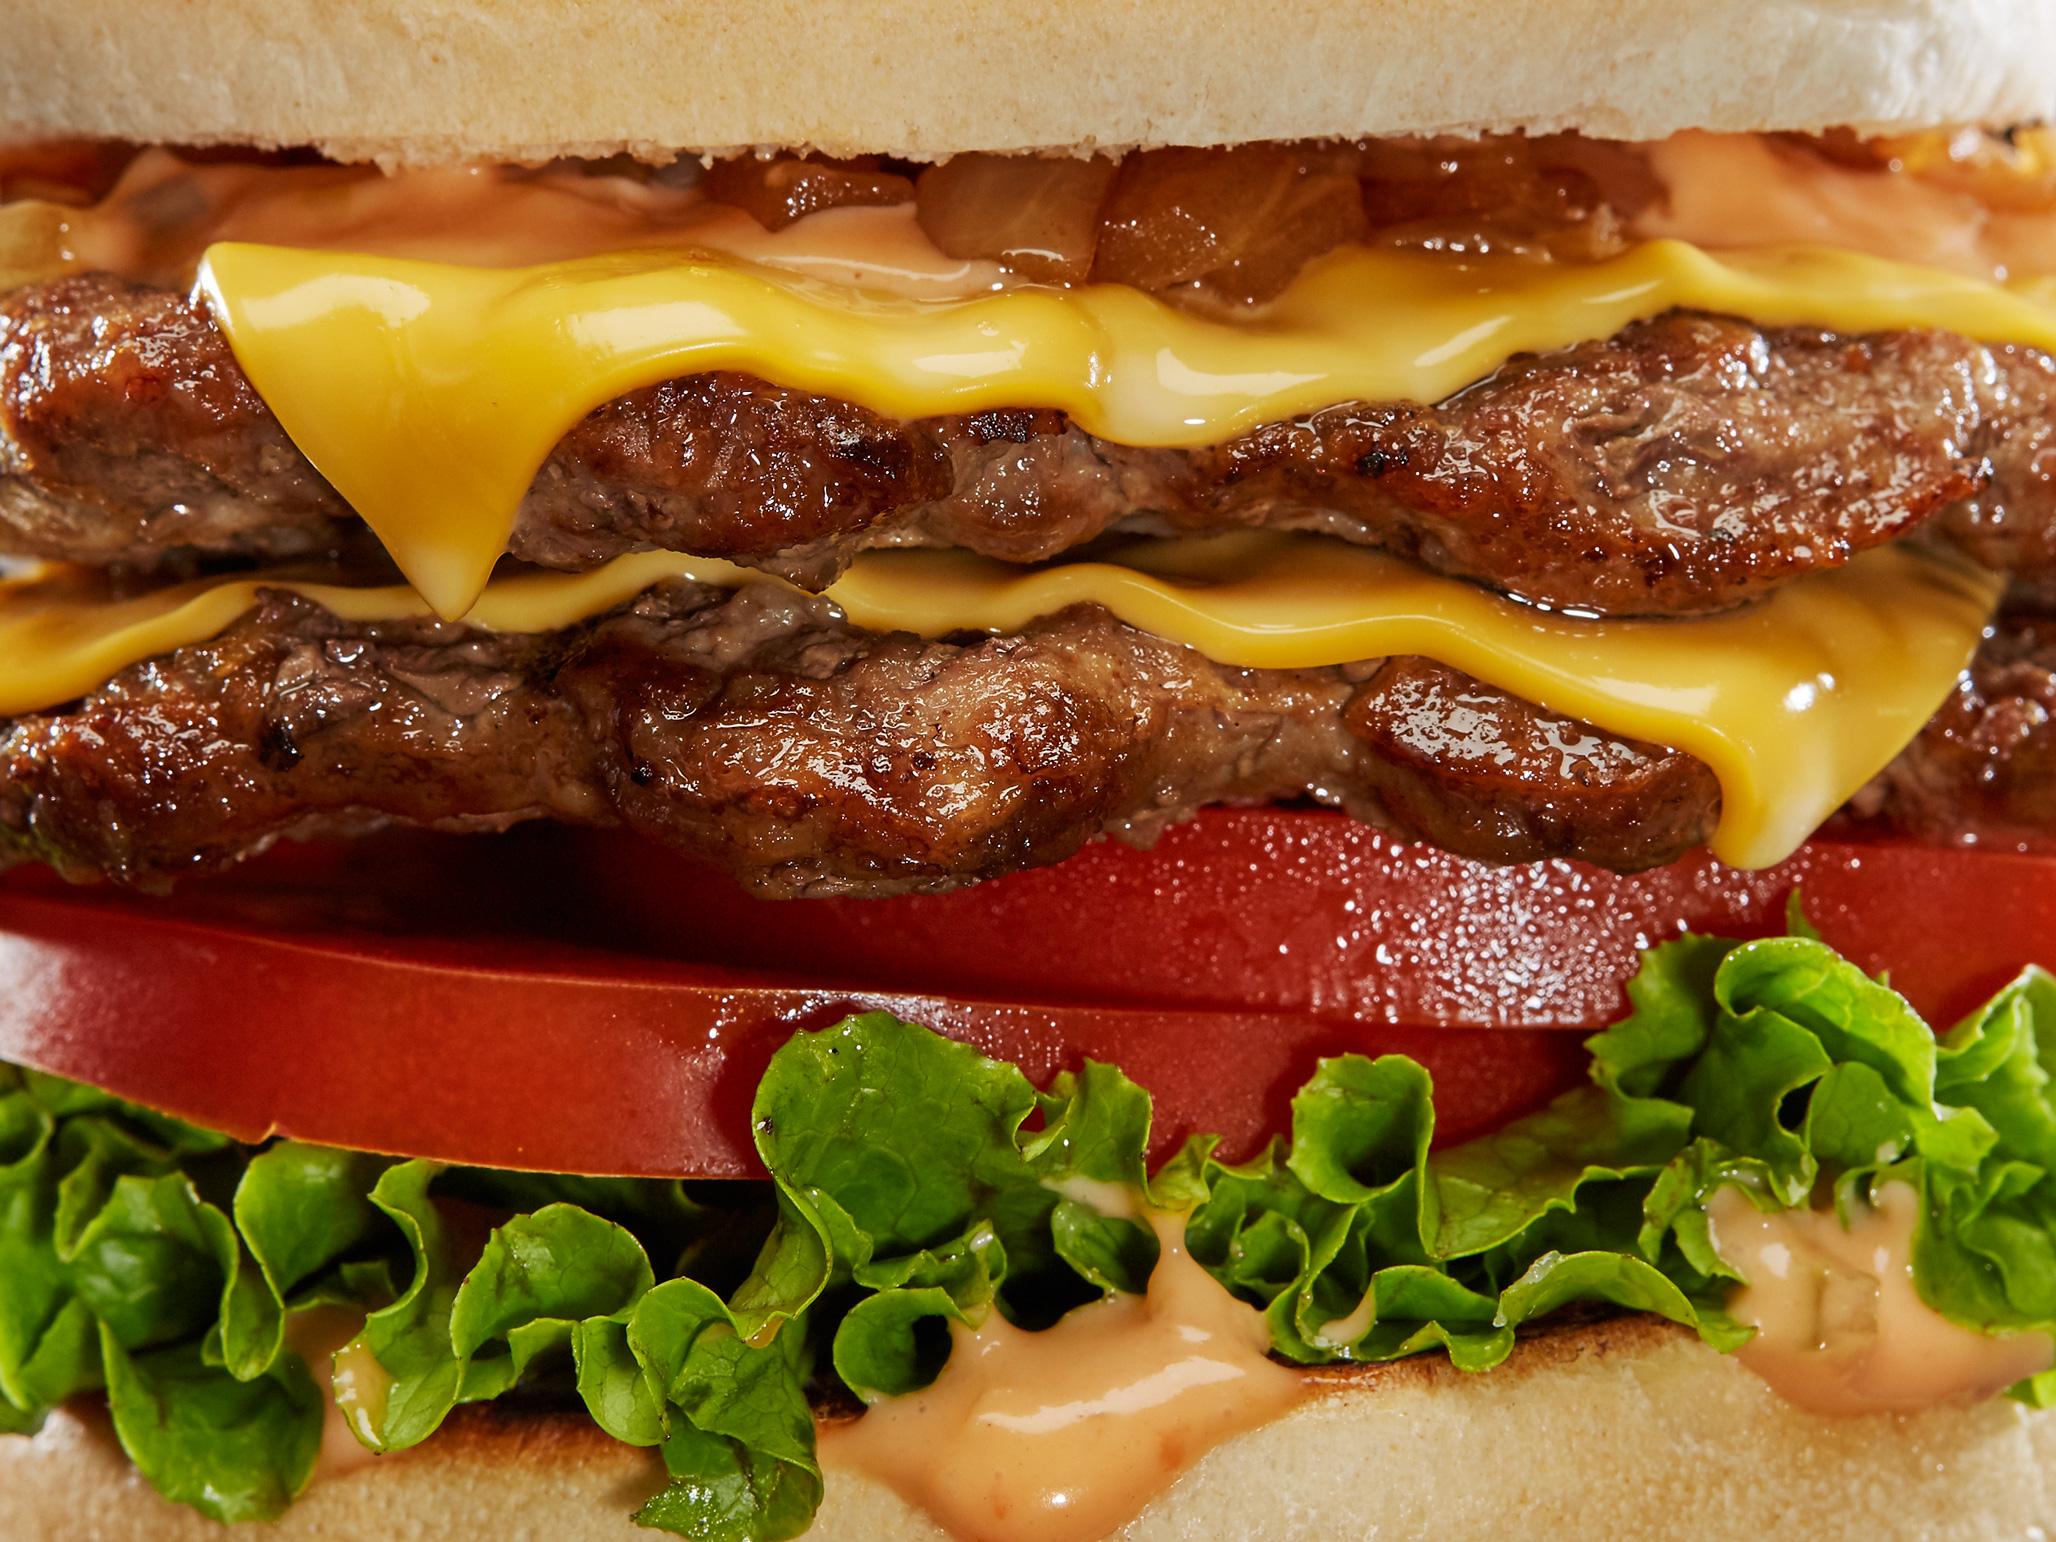 Burgers (Carl's Jr.)